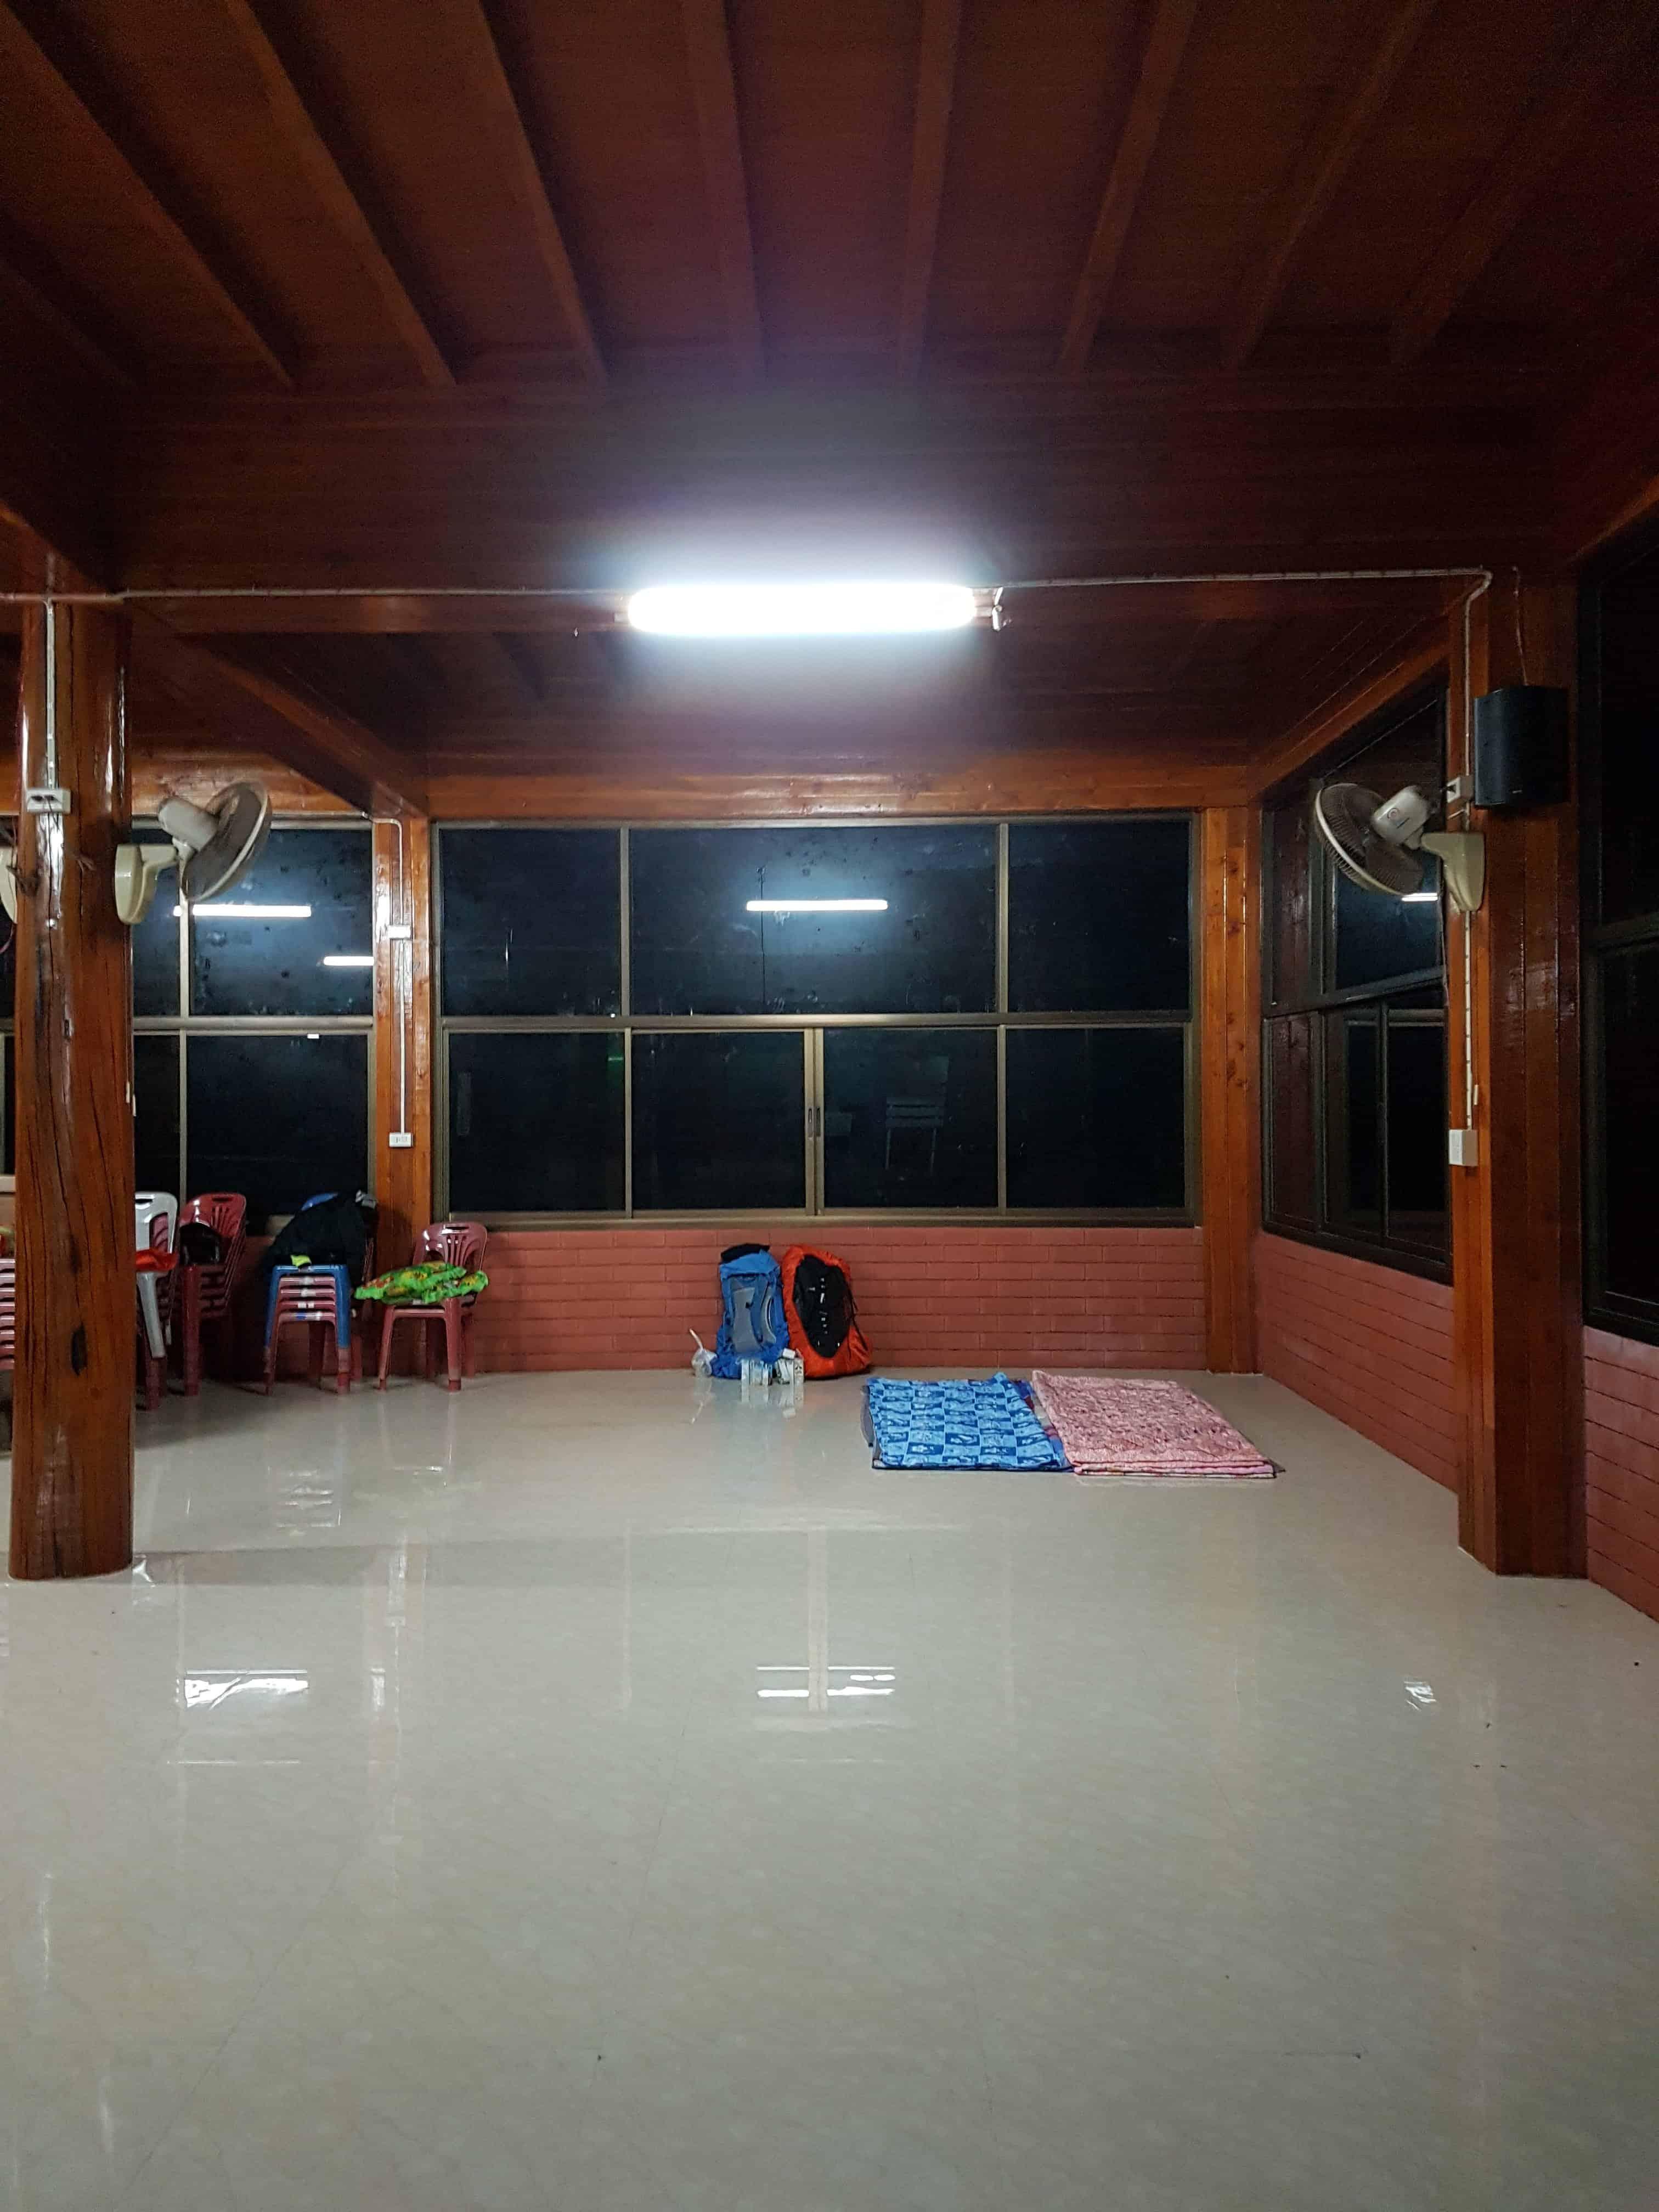 Thaïlande, ce soir on dort dans un temple !😁 10